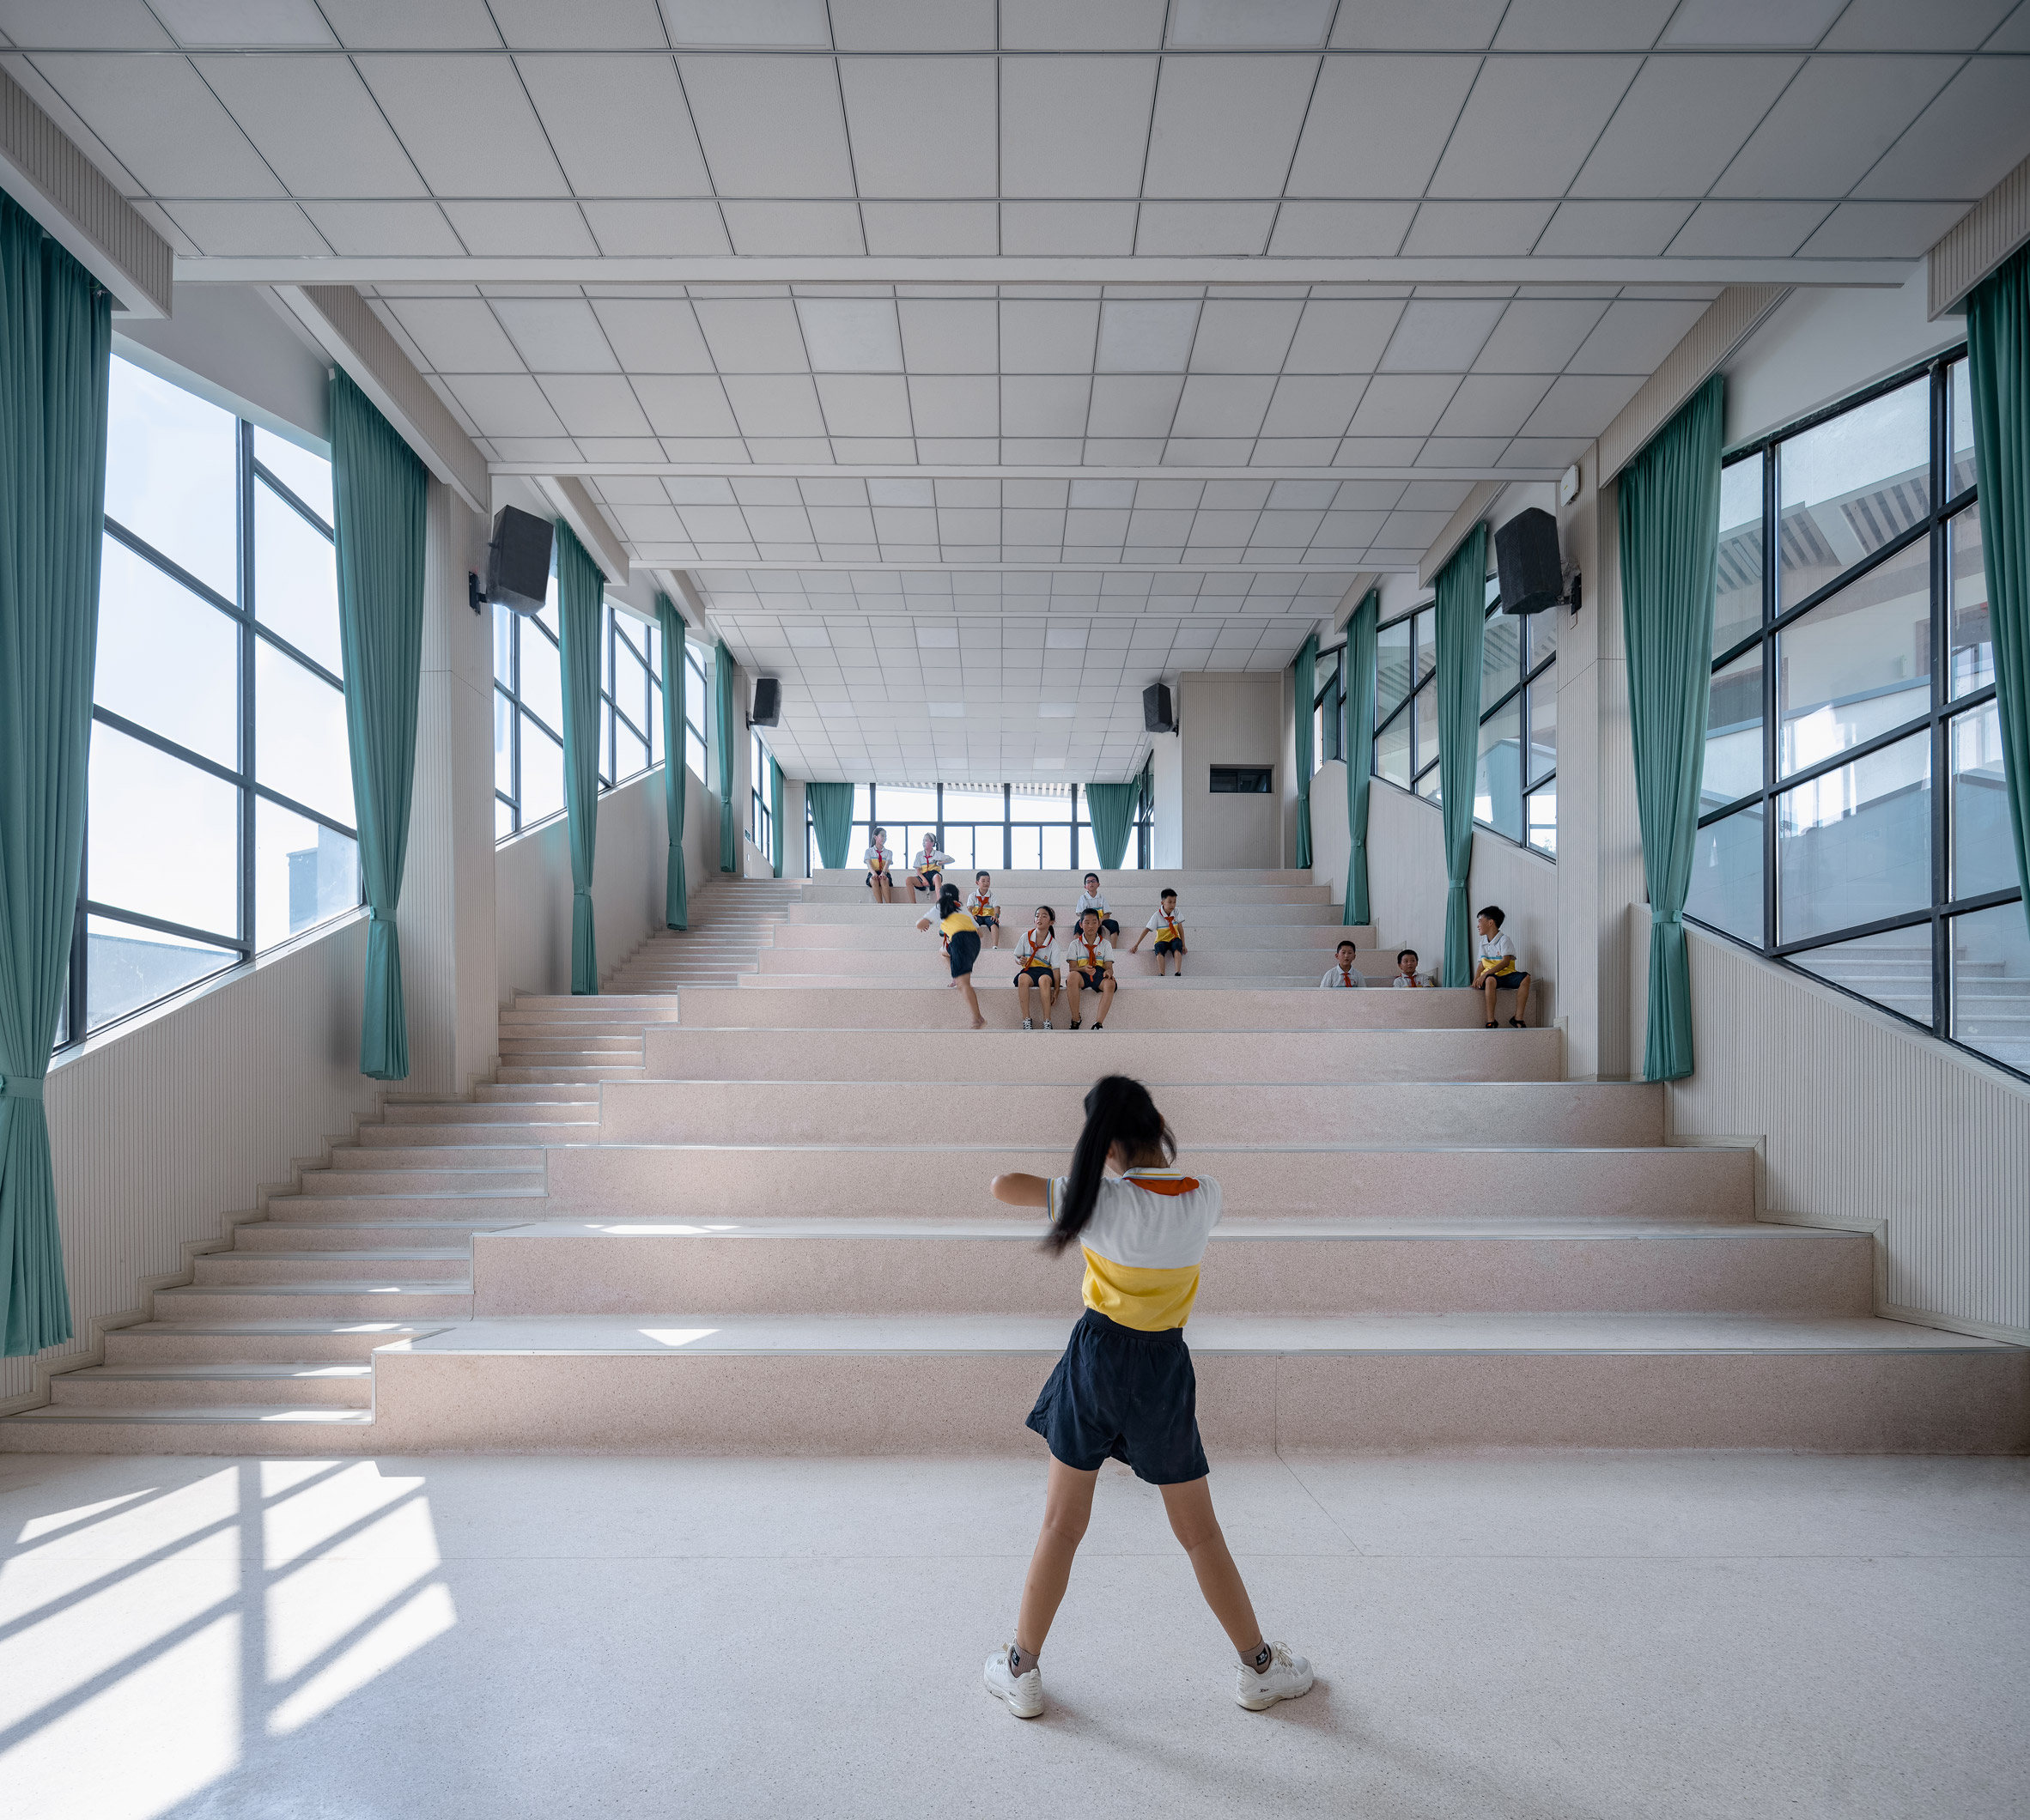 Indoor hall for children in Erdu Primary School